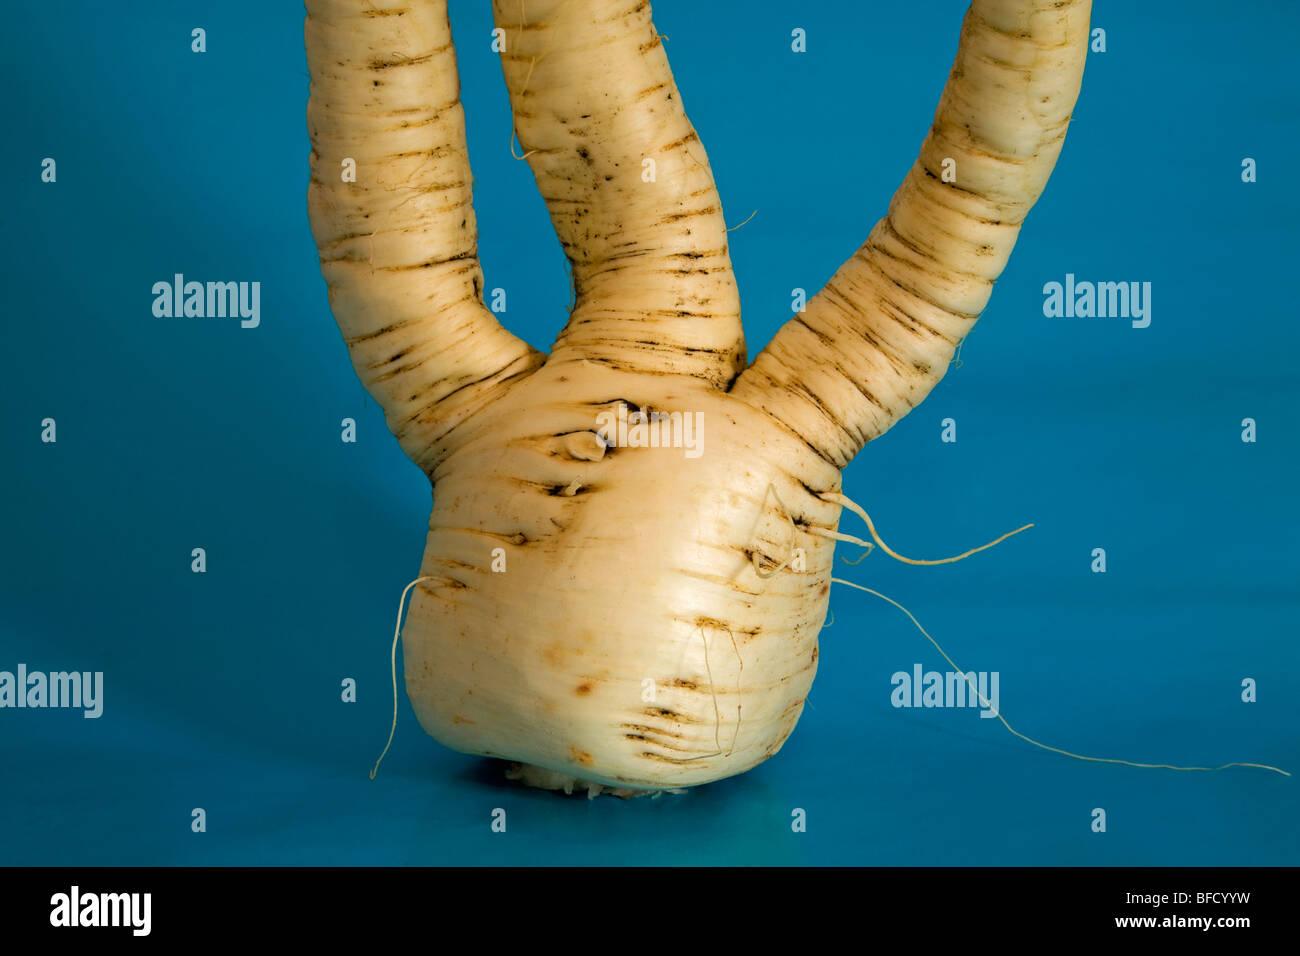 Un jardín común la alcachofa, vegatable de raíces y tubérculos Imagen De Stock